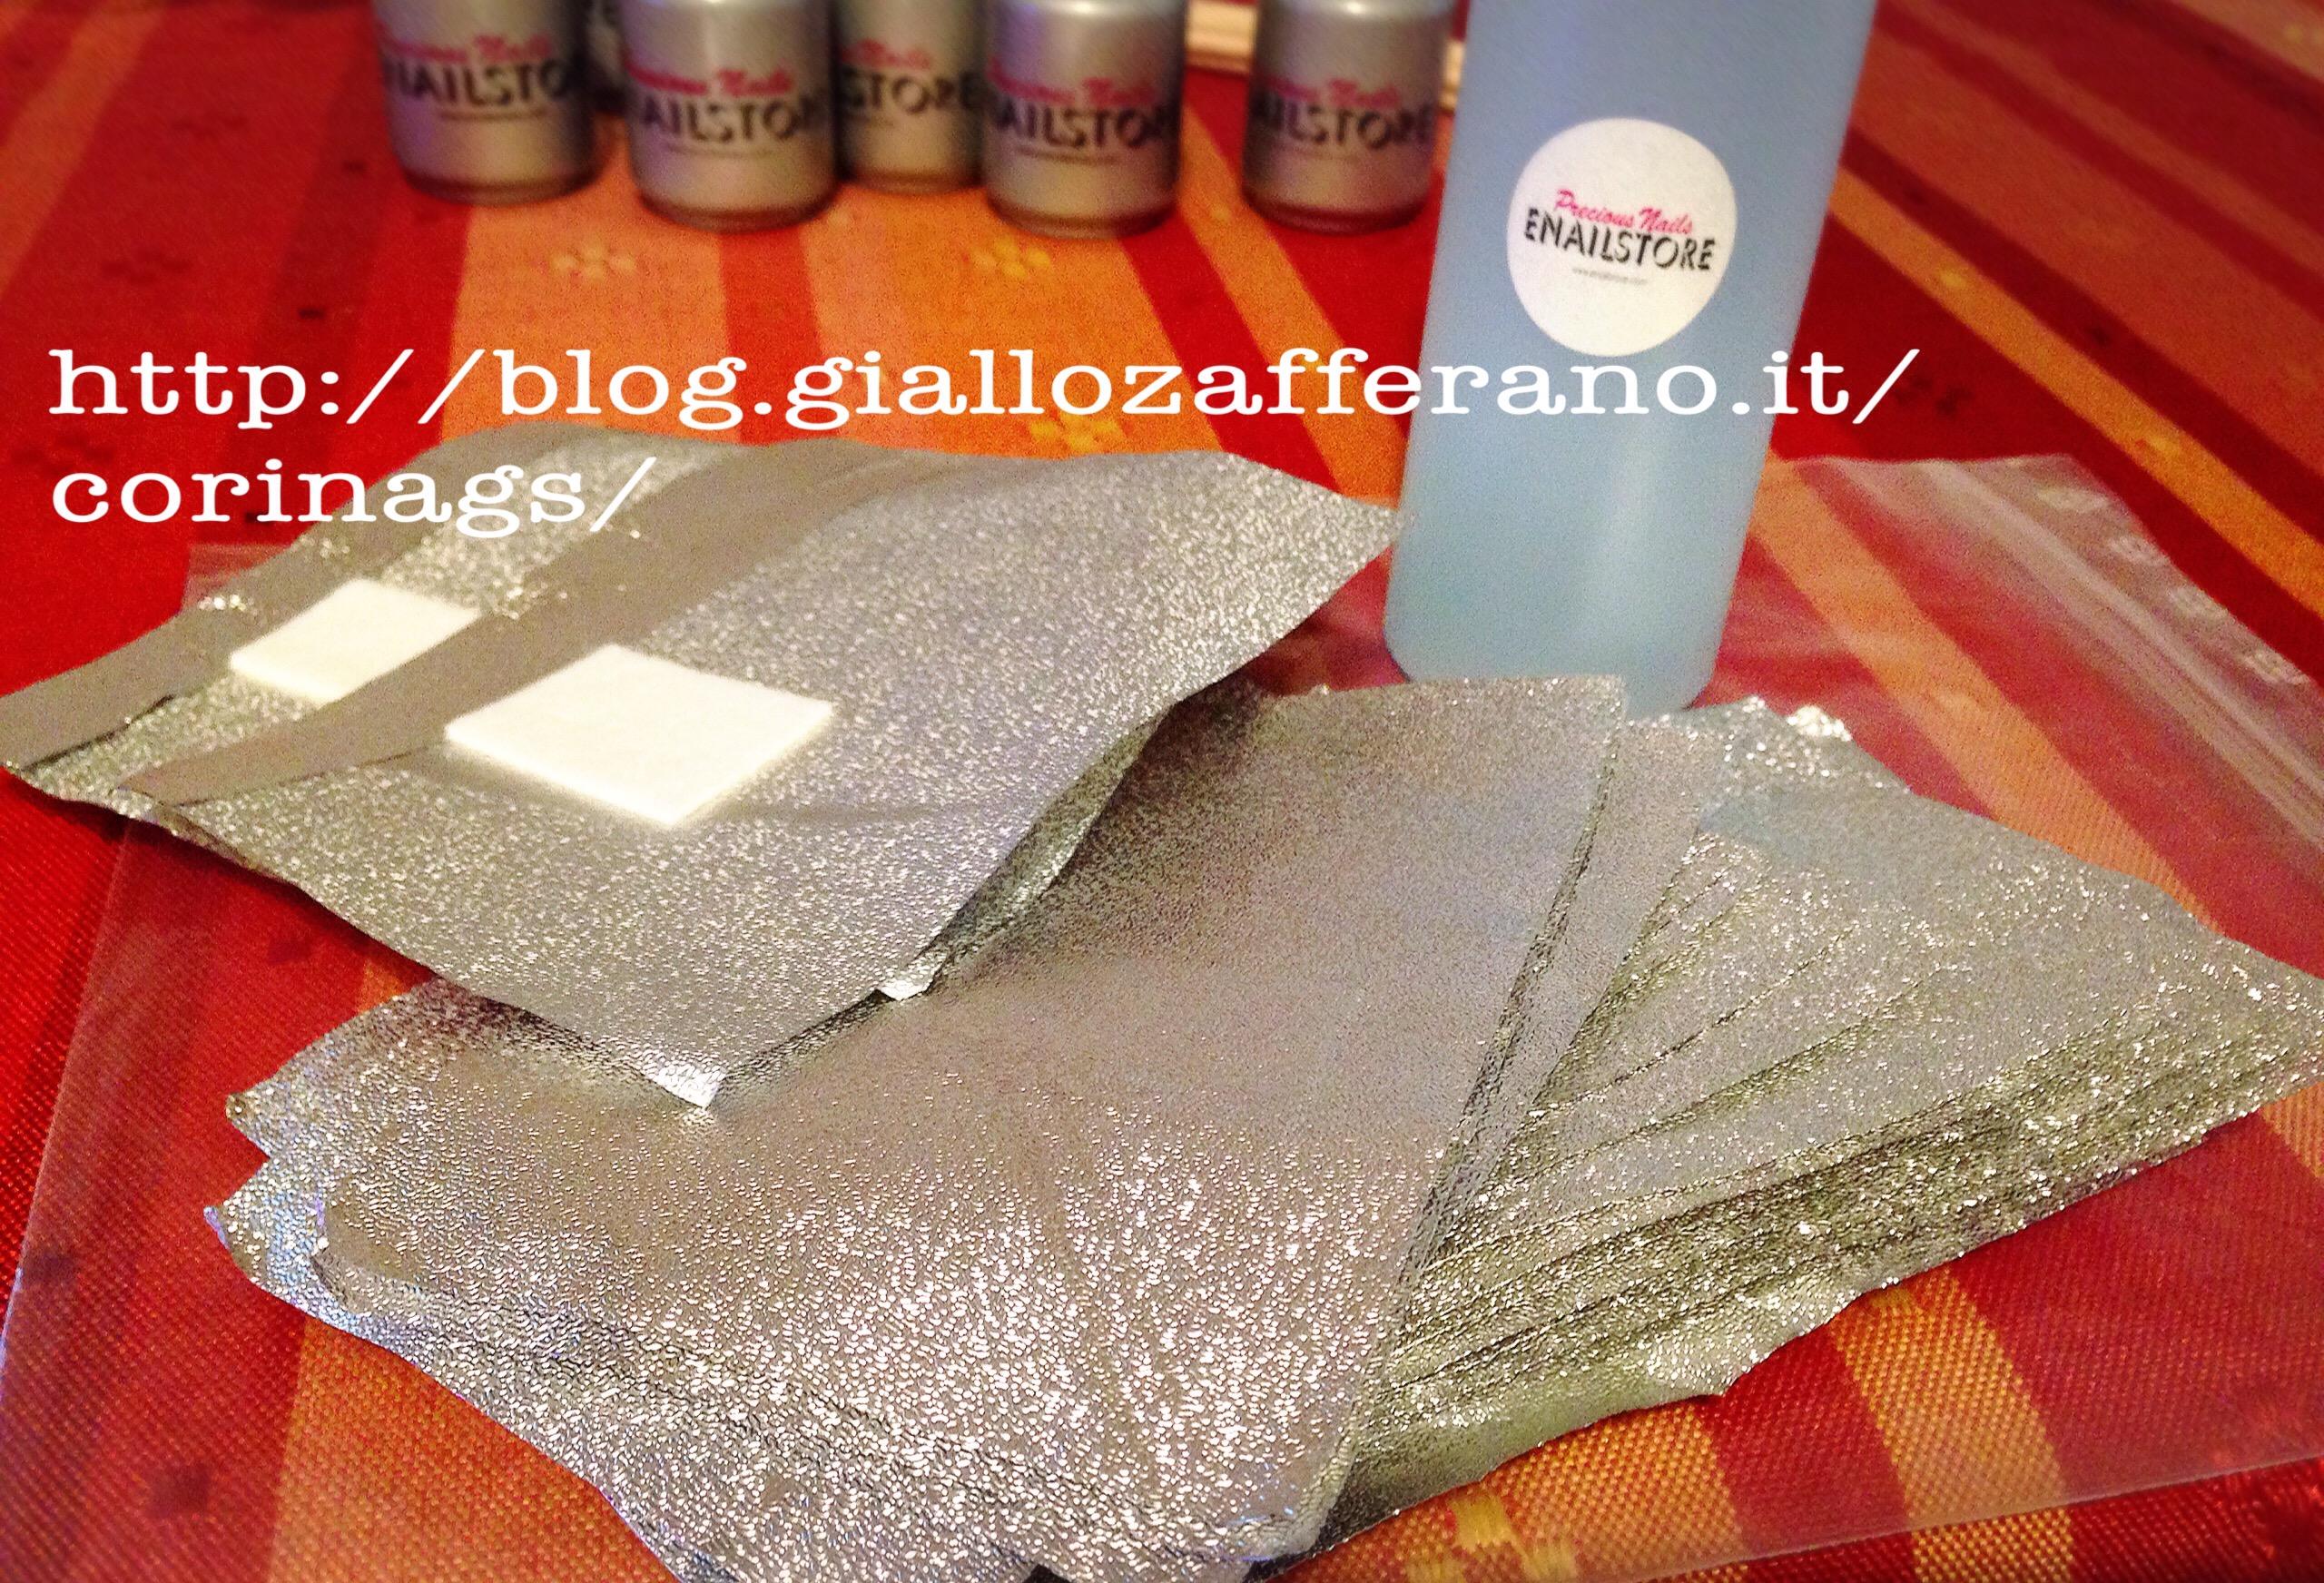 remover smalto gel semipermanente